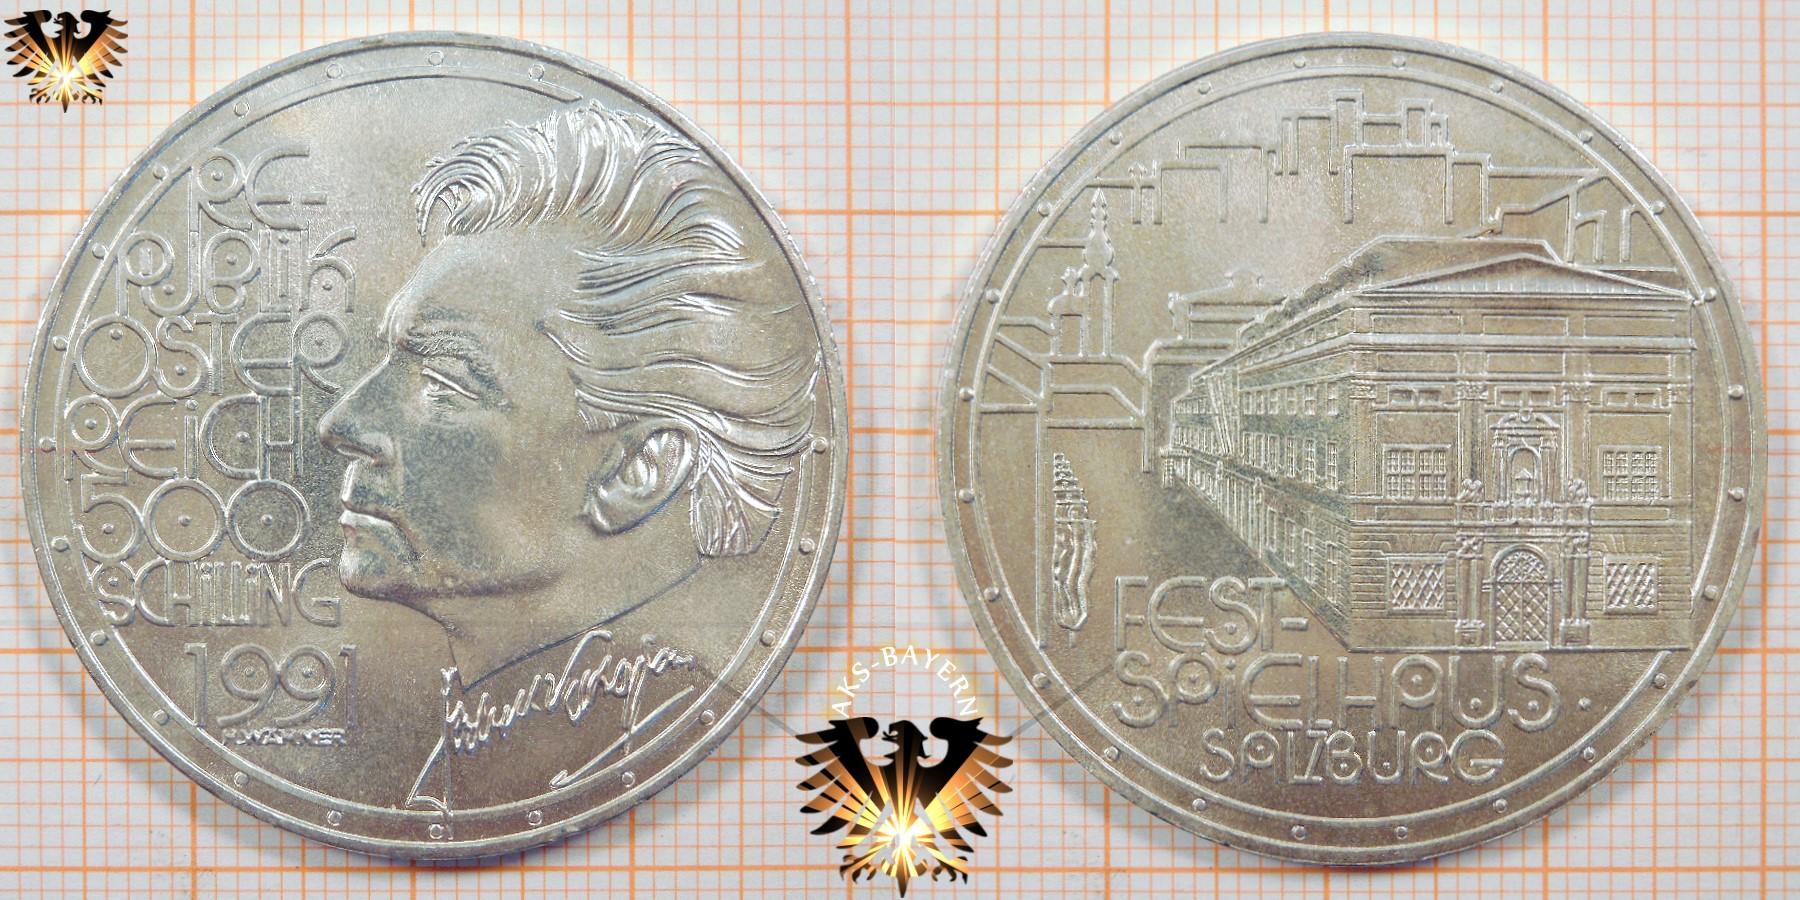 500 Schilling 1991 Herbert Von Karajan Silbermünze österreich